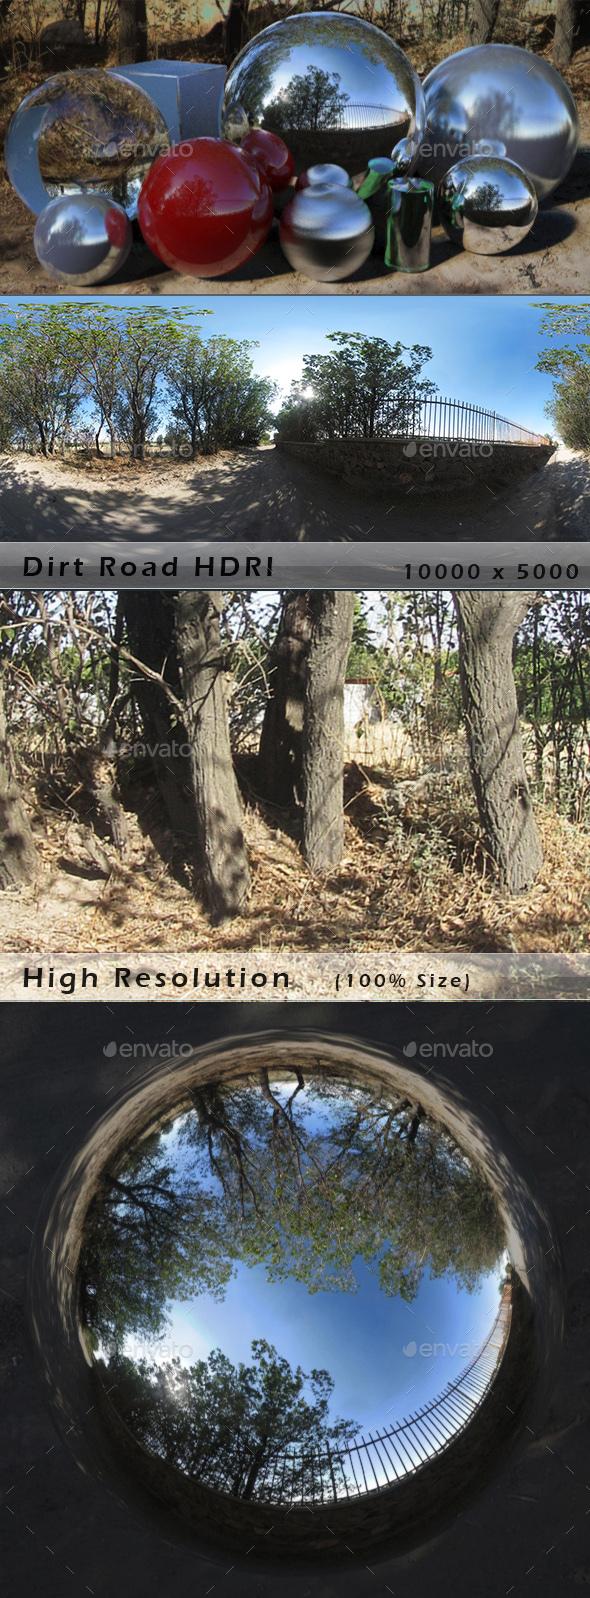 Dirt Road HDRI